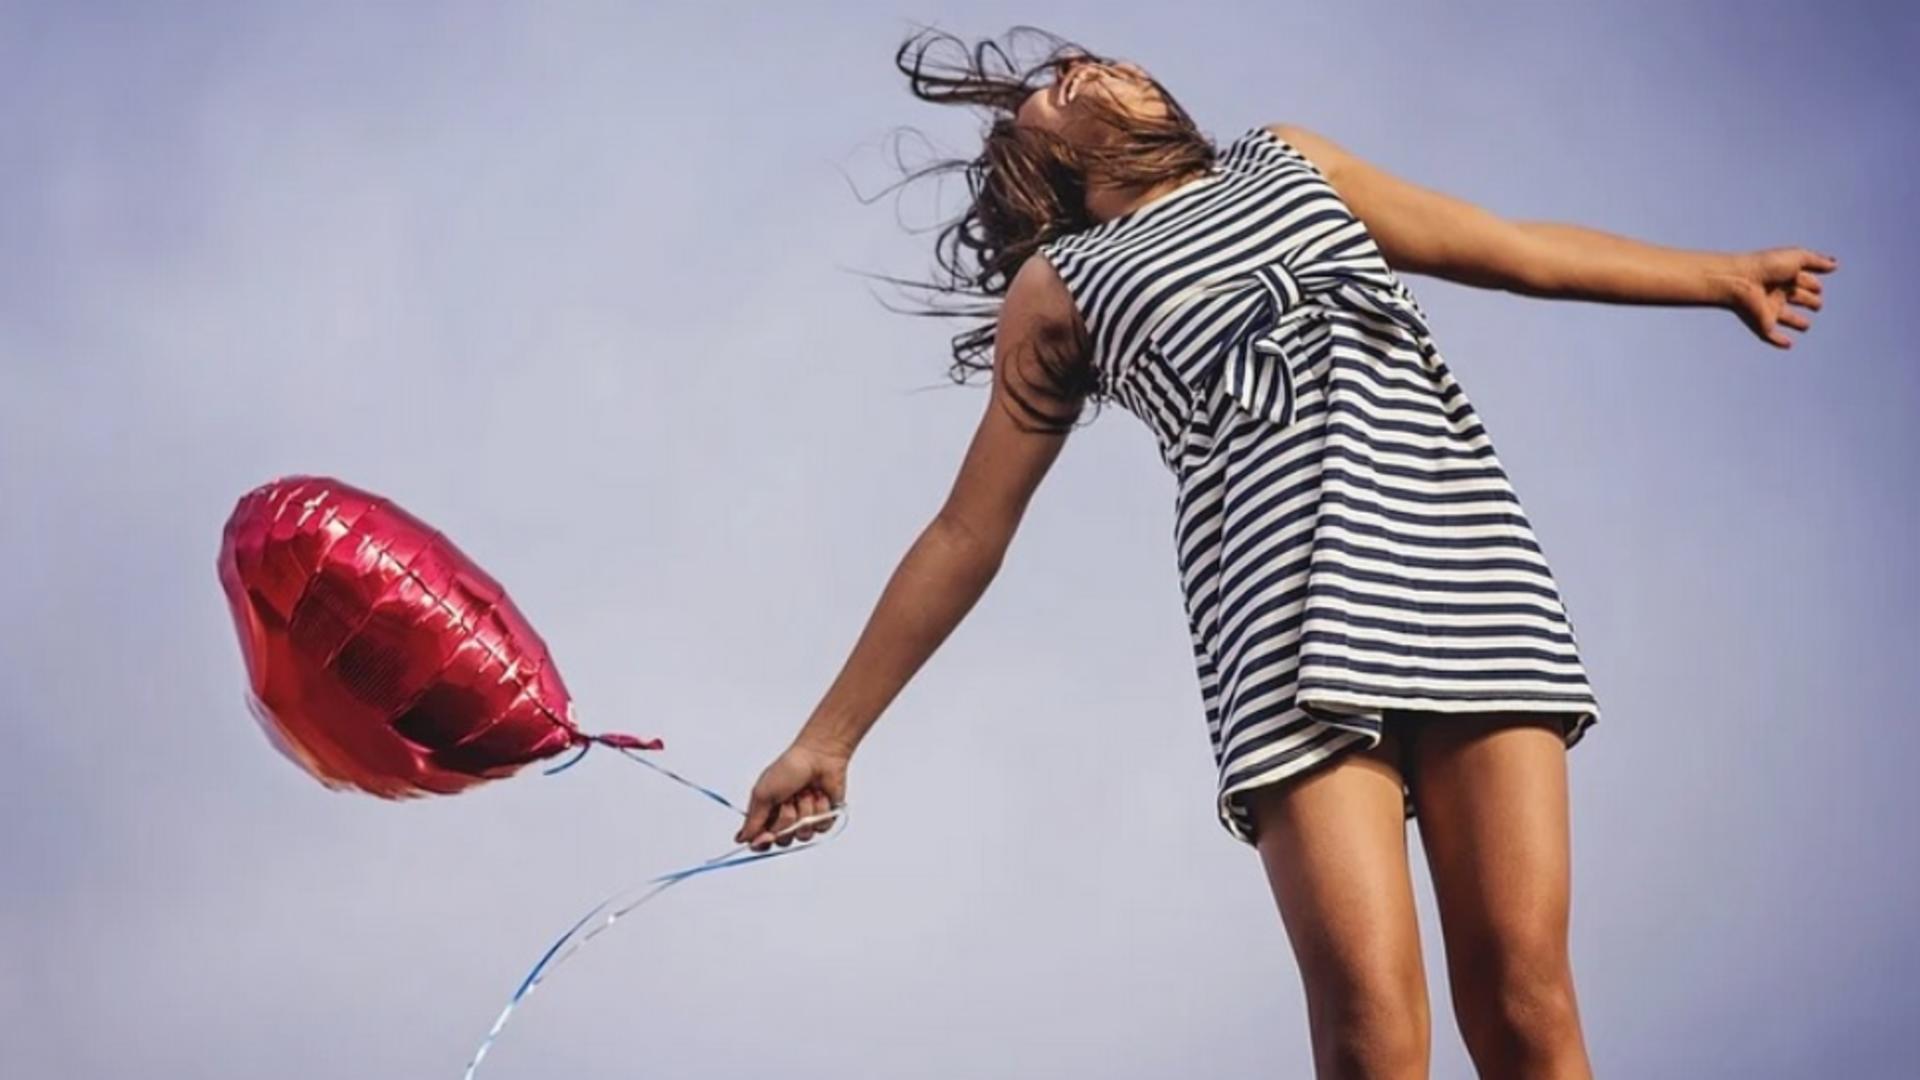 Iubirea are manifestări diferite, în funcție de personalitatea și de îndrăzneala unui bărbat